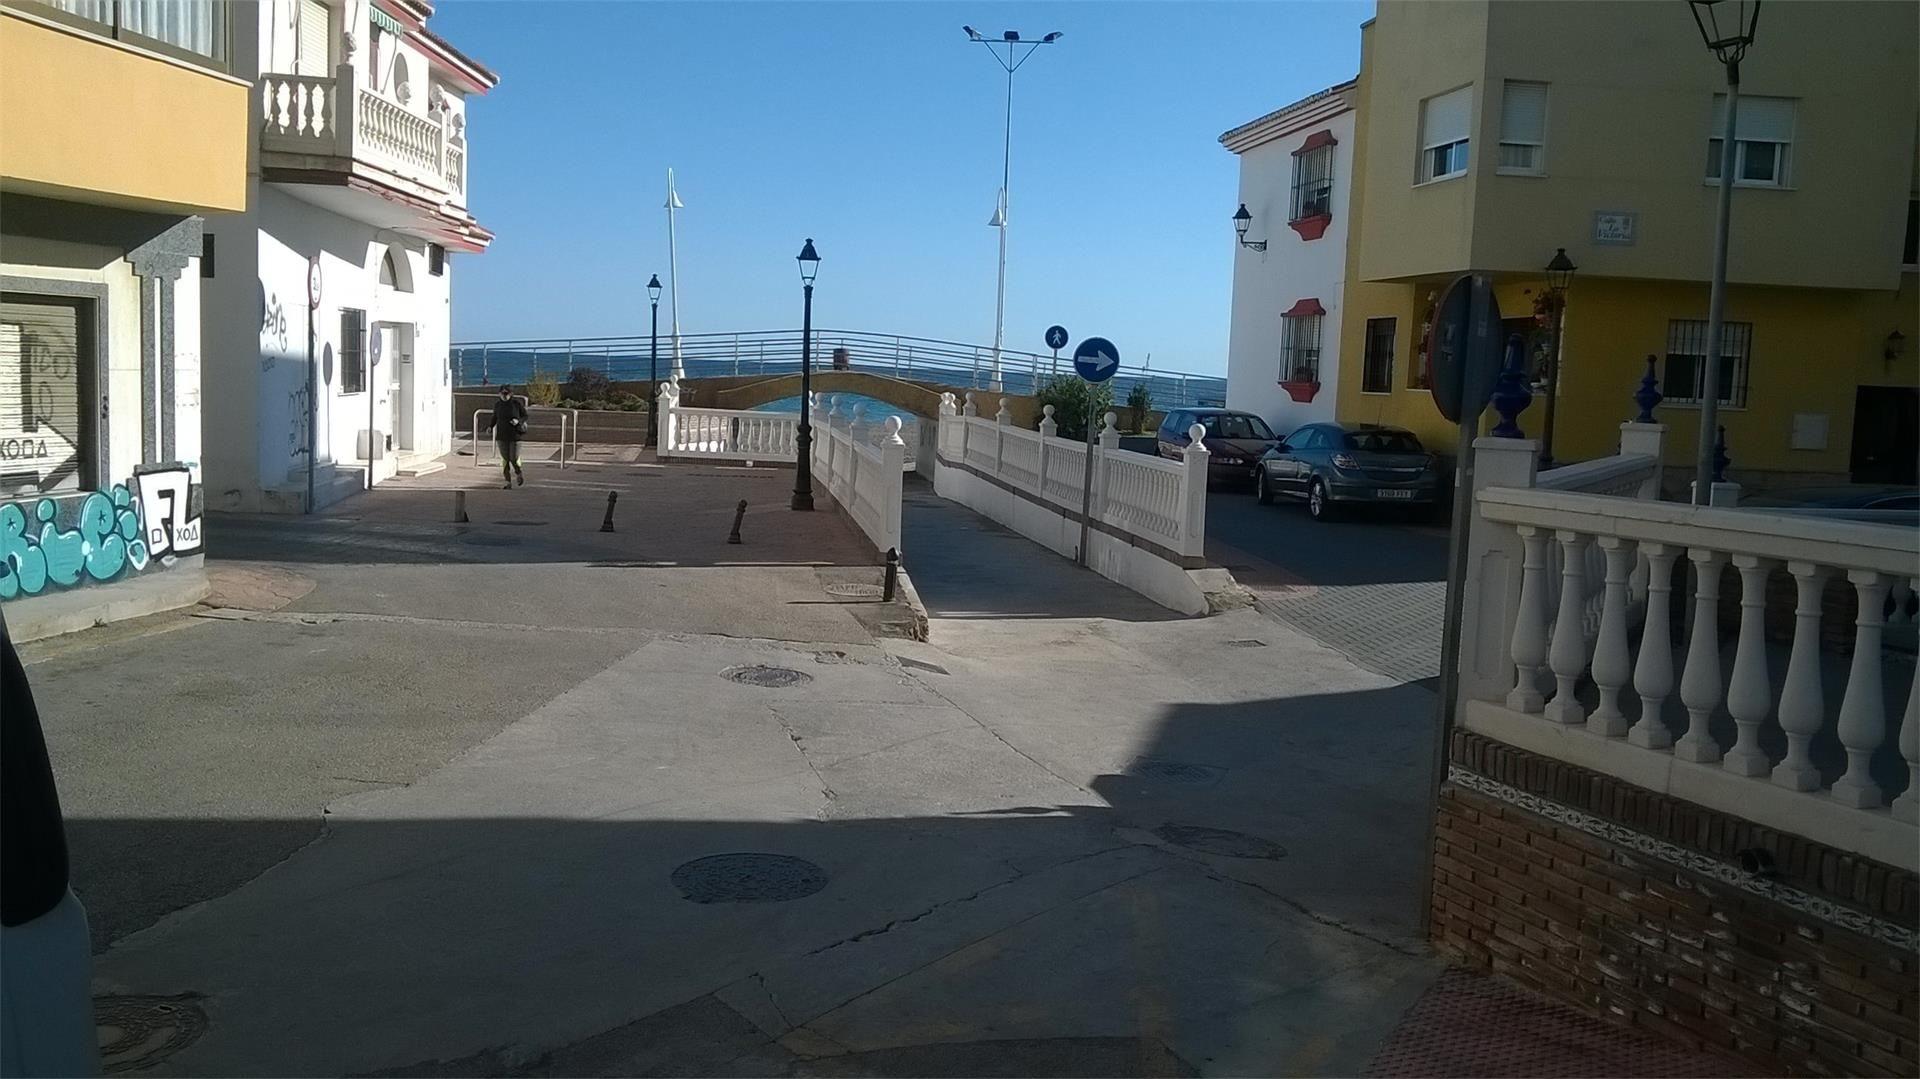 Local de alquiler en Plaza de la Laguna, 2, La Cala del Moral (La Cala del Moral, Málaga)